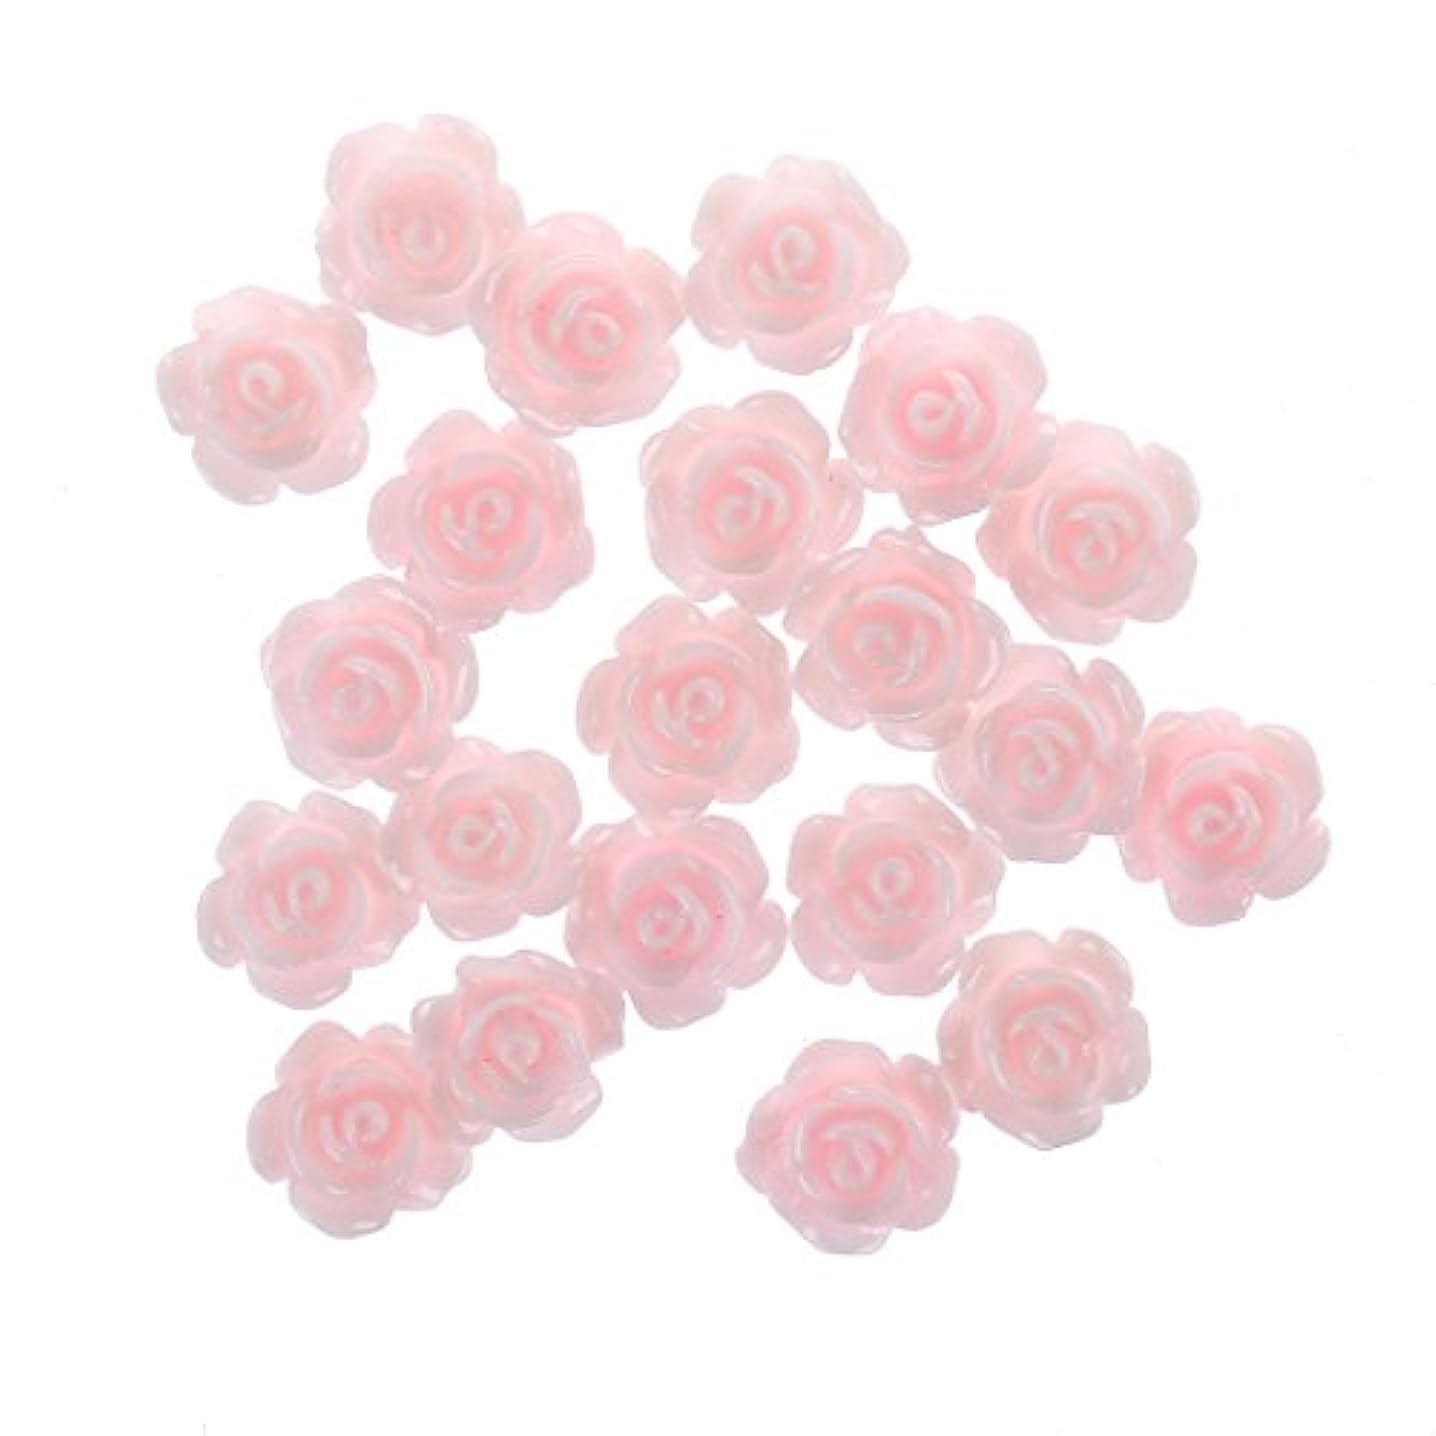 スクリーチインタネットを見るショルダーCikuso 20x3Dピンクの小さいバラ ラインストーン付きネイルアート装飾